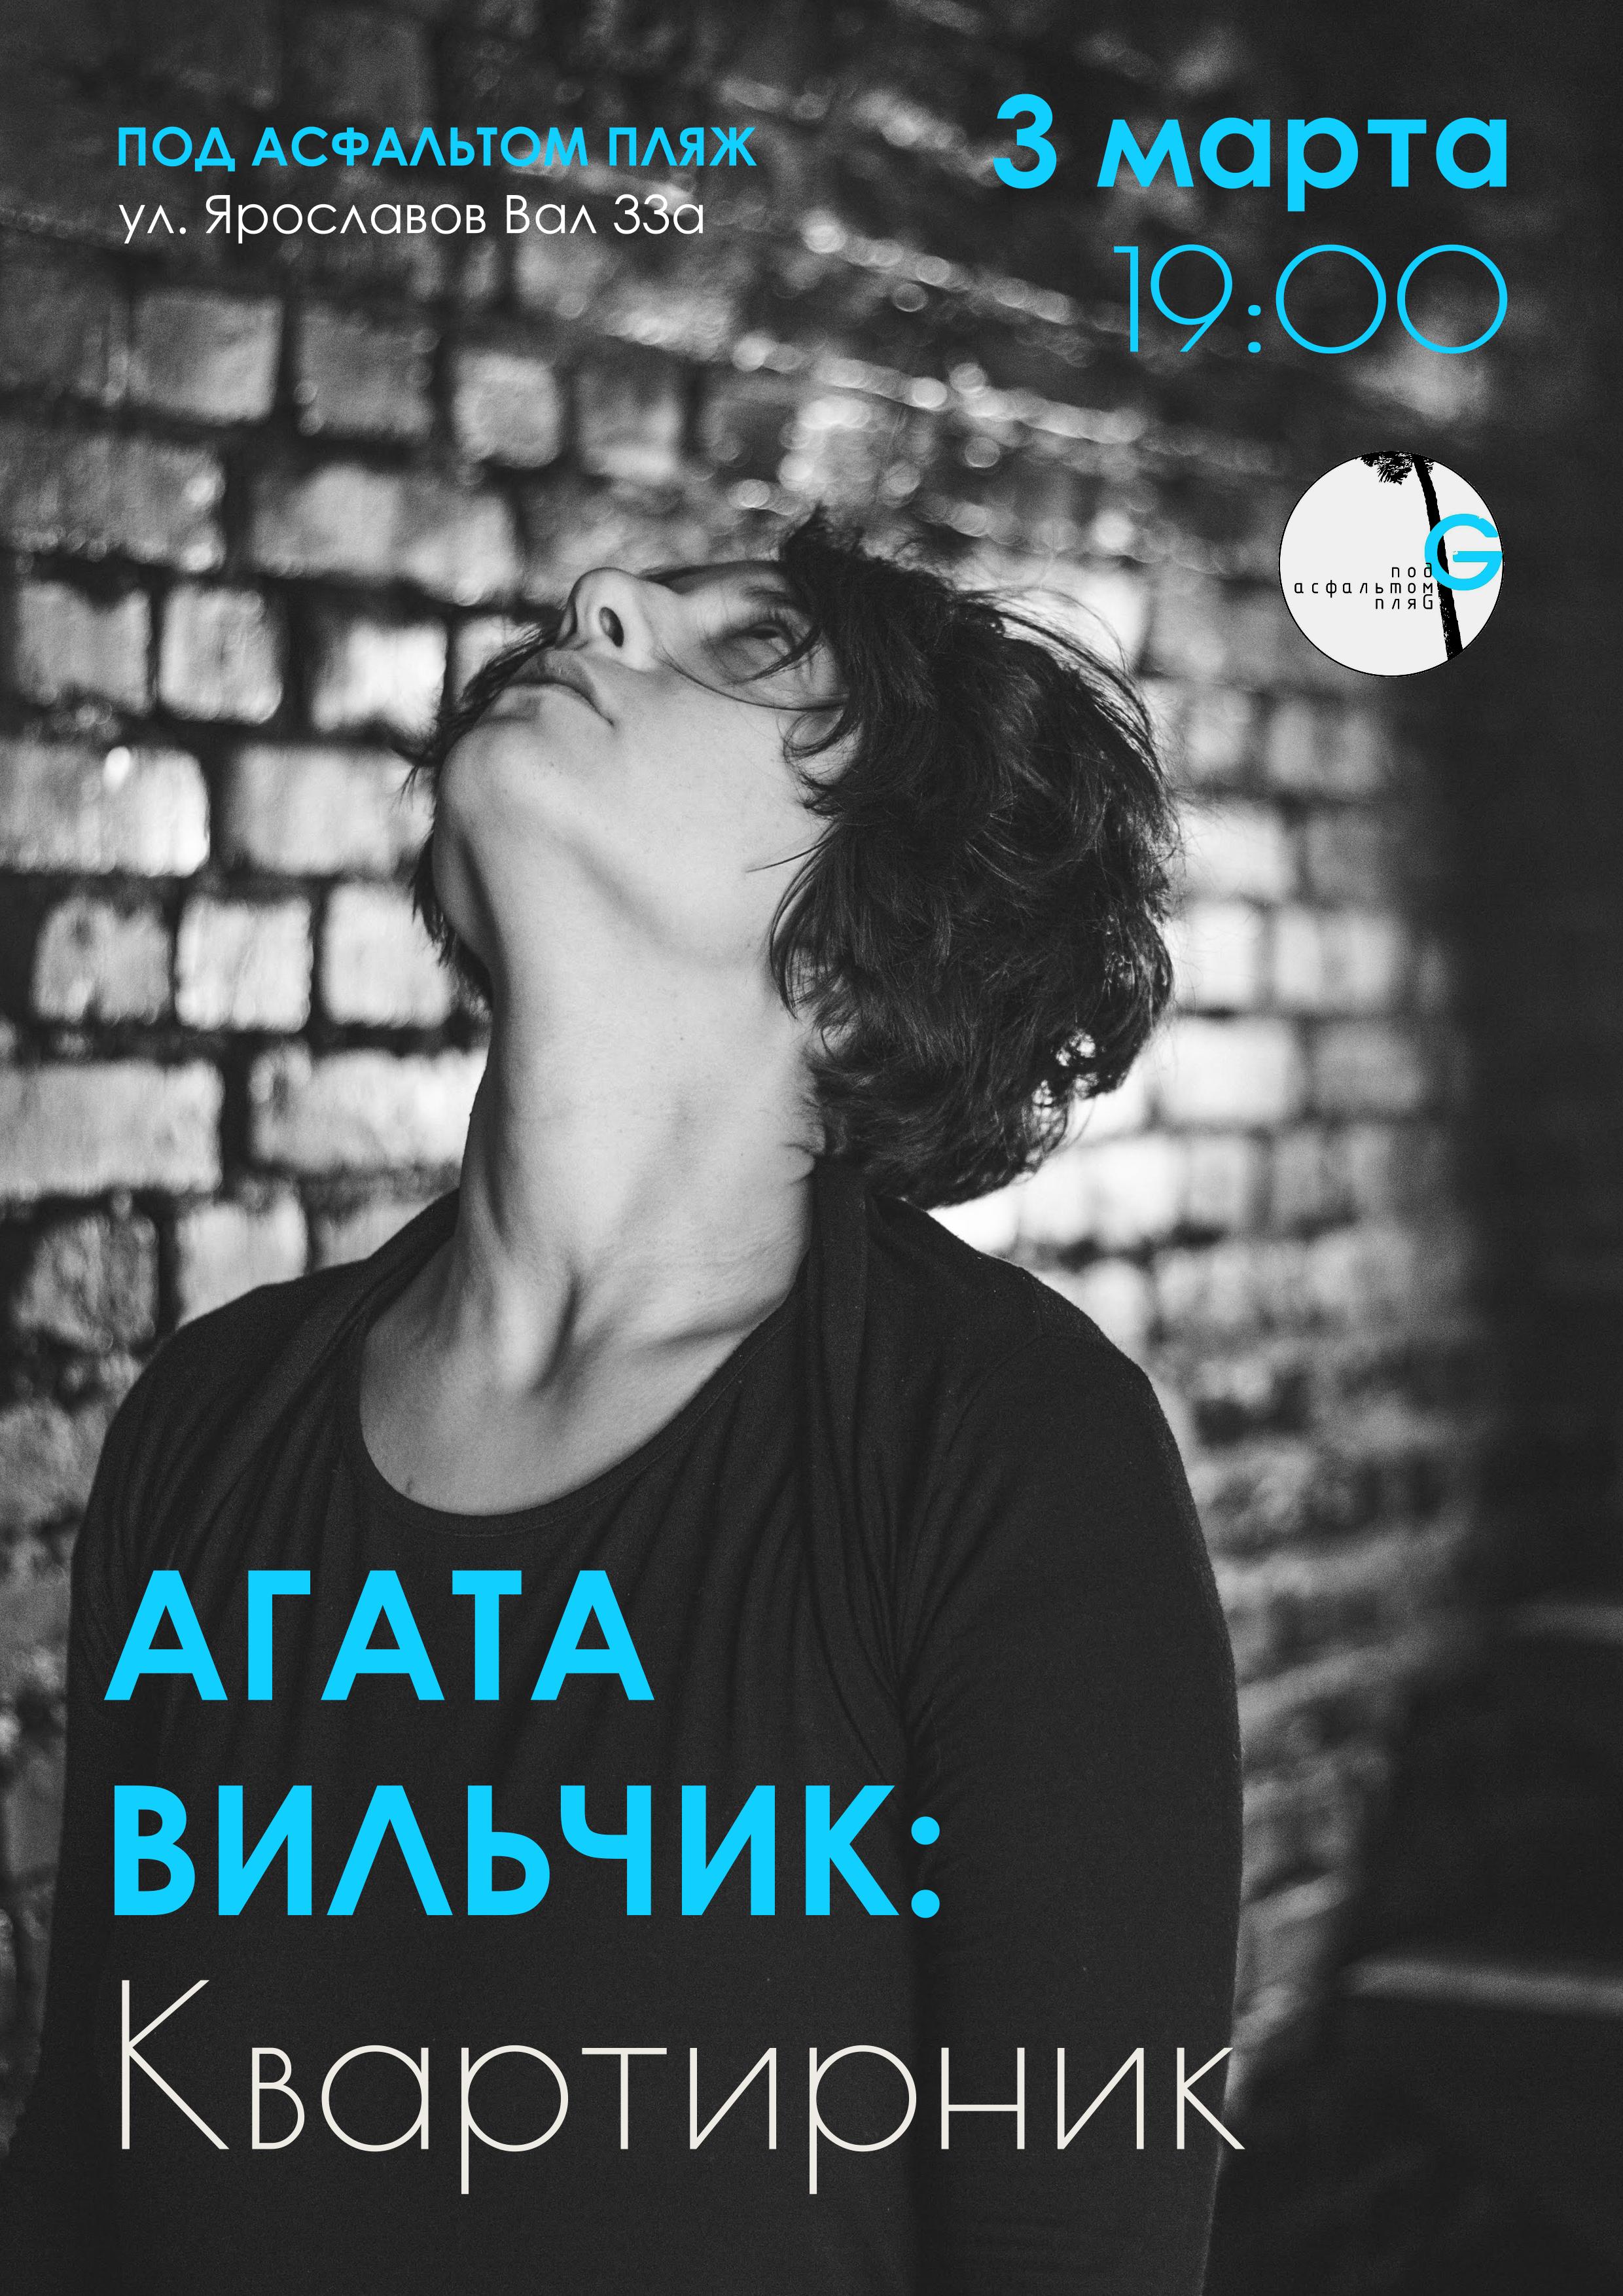 3.03 | Квартирник. Акустика | Киев - Агата Вильчик – музыкант, импровизатор, глубокий голос отражается от многообразности всего происходящего в момент на сцене. Песни-состояния, музыка текстов, абсолютное выражение своего внутреннего существования. Это не развлекательная музыка, это о том и для тех, кто полон внутри и имеет достаточную остроту чувств, чтобы узнать нечто большее.И, «кто же ты, Агата?» Приходите, задайте этот вопрос еще раз. Кто же знает ответ, которого, возможно, и быть не может.«…я блуждающий ветеря разветвляющие себя частине элементынебытия»3 марта, 19:00Билеты: 100 / 125 / 150 грн100 грн до 19.02, 125 грн с 20.02, 150 грн в день концертаТелефон для заказа билетов +38 098 641 63 71Или пишите - Анастасия КуренёваПод Асфальтом Пляж, ул. Ярославов Вал, 33аFacebook